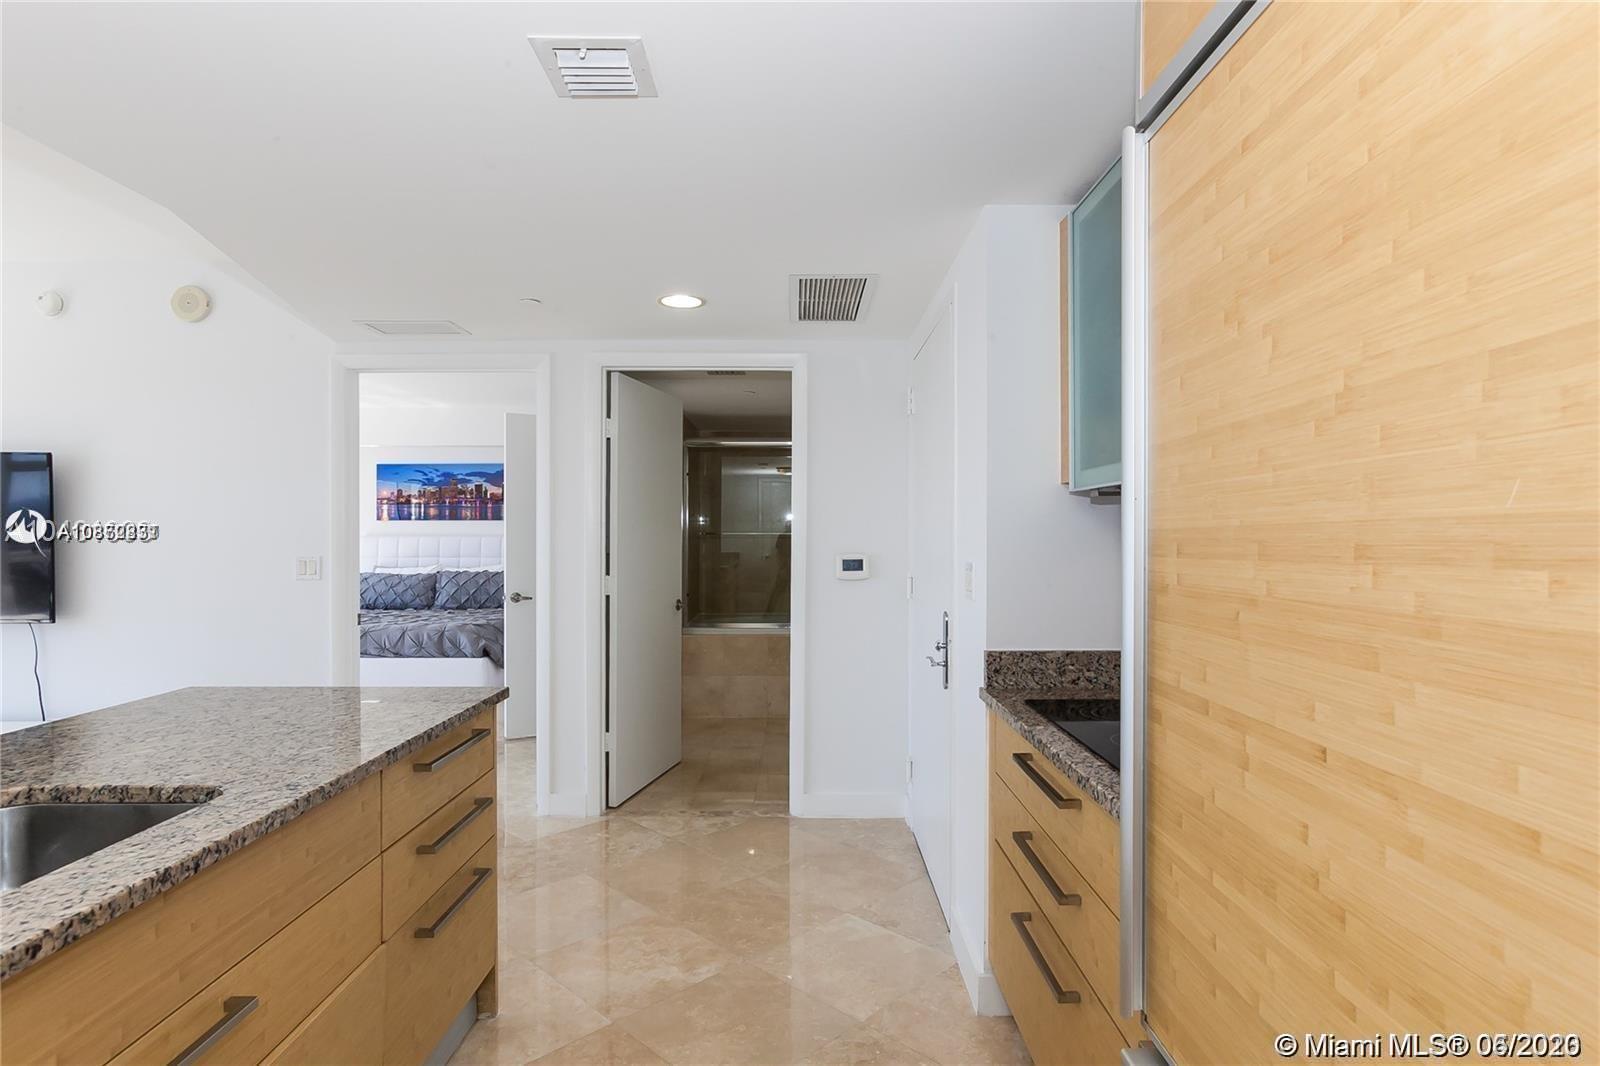 2407 1 / 1 871 sq. ft. $ 2020-06-09 0 foto